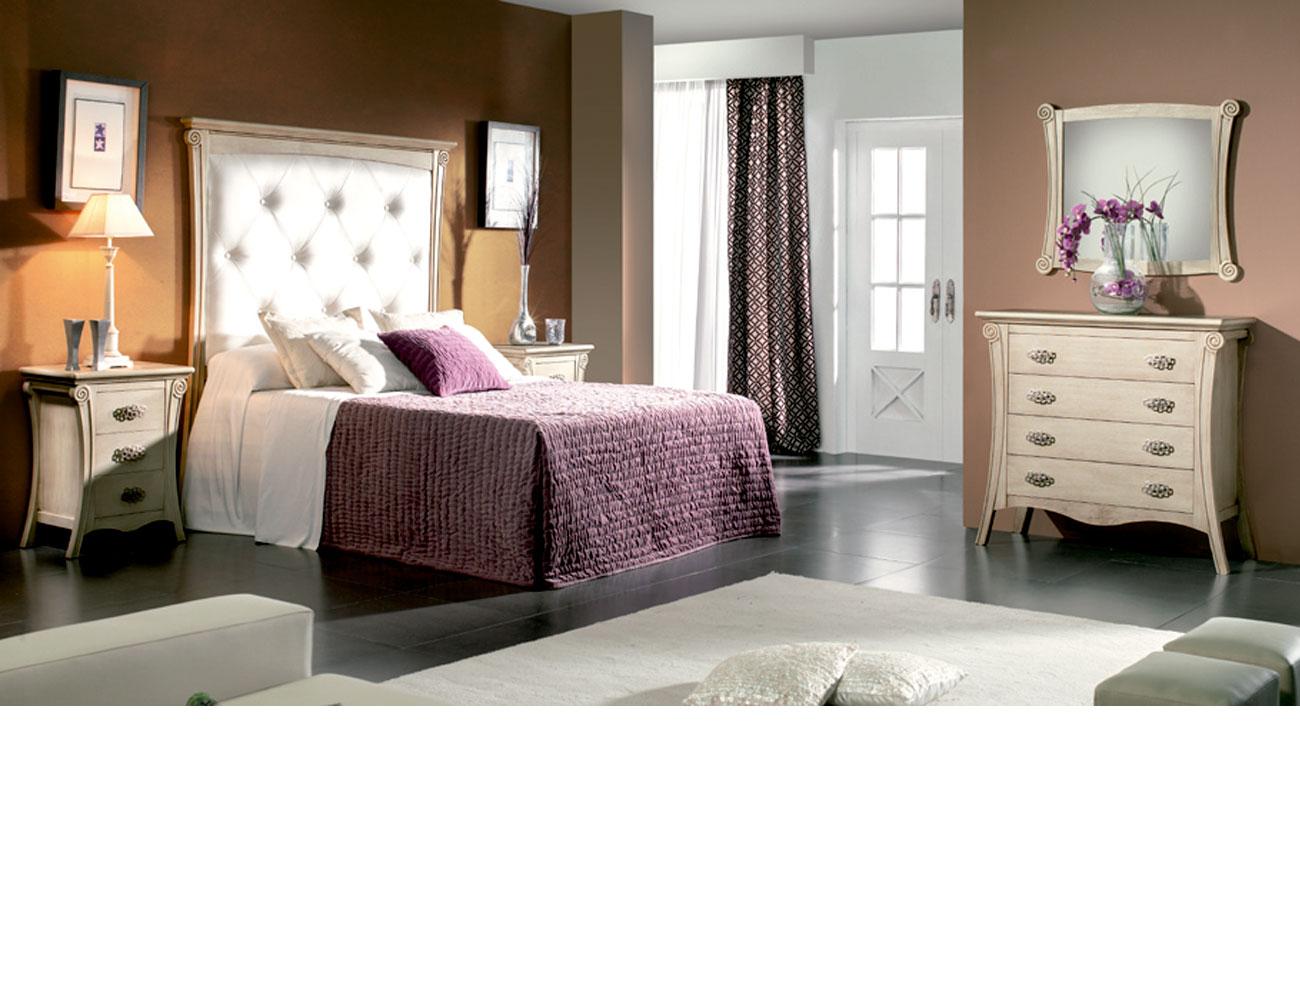 Dormitorio matrimonio cabecero tapizado polipiel color 500 tirador61